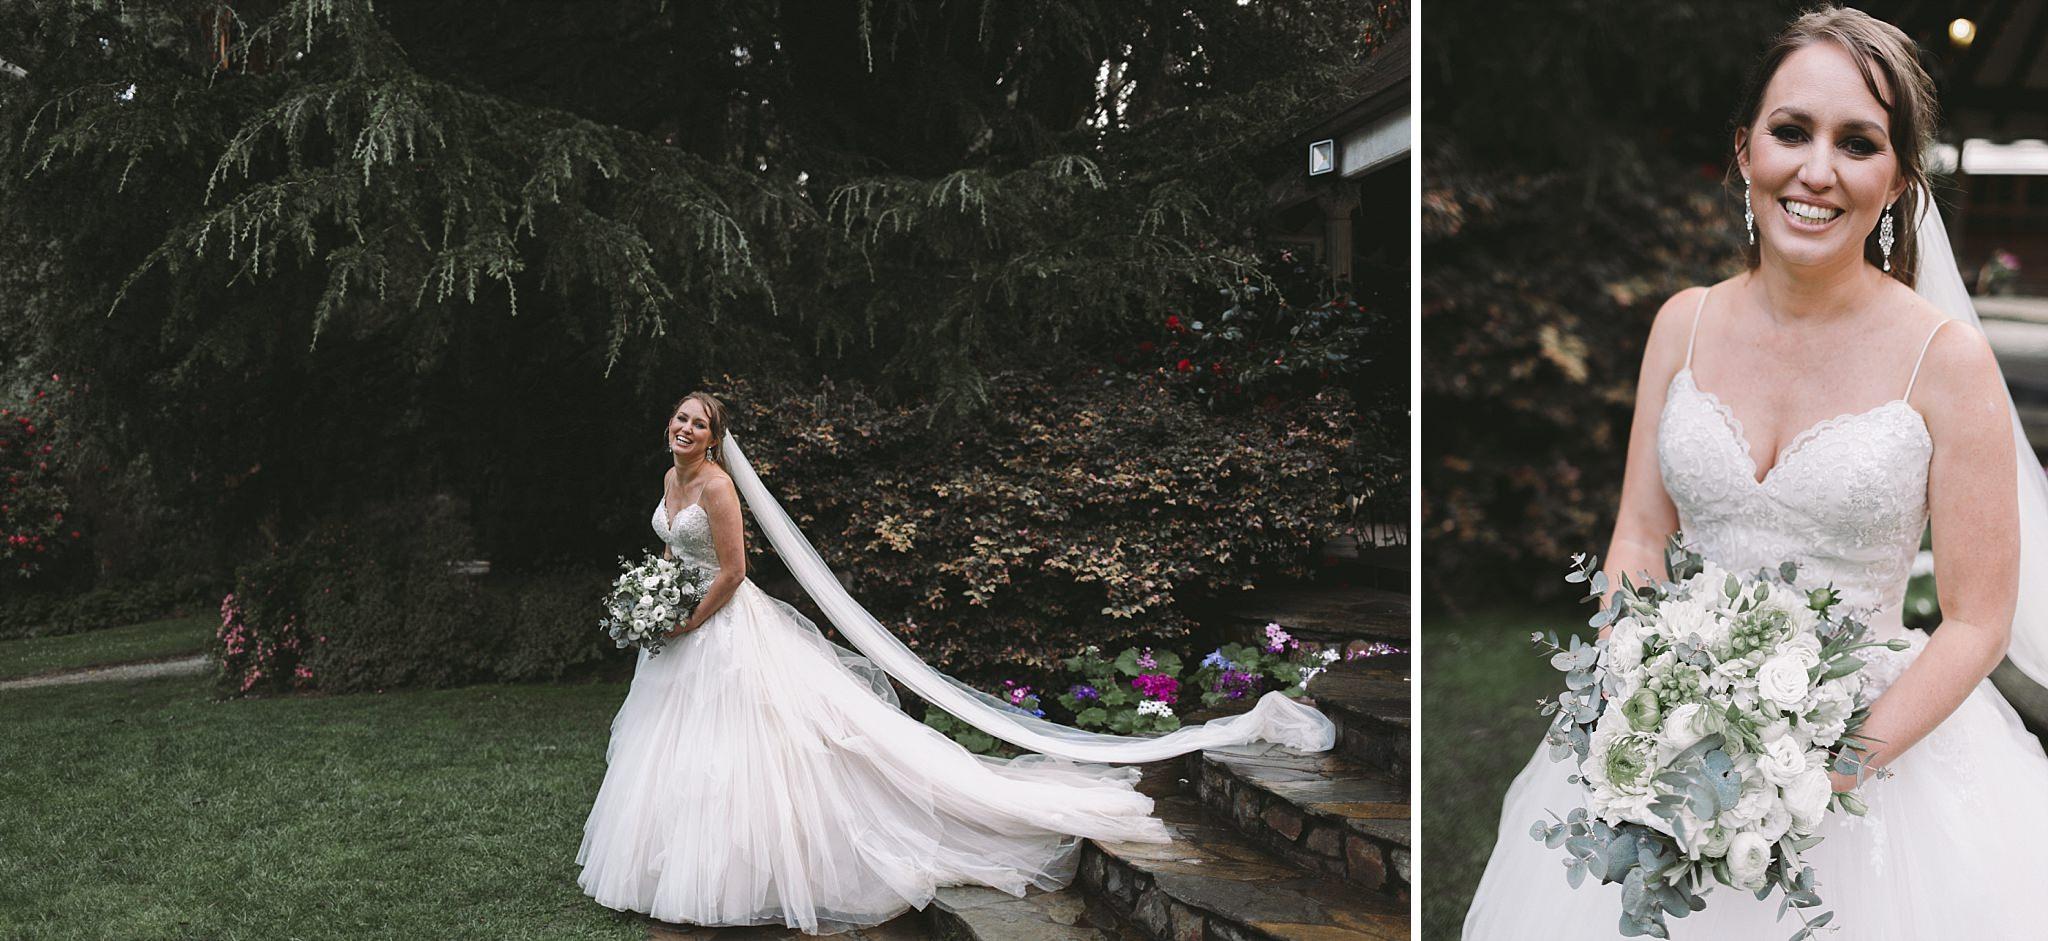 Tatra Dandenong Wedding Photography Natural Candid (81).JPG